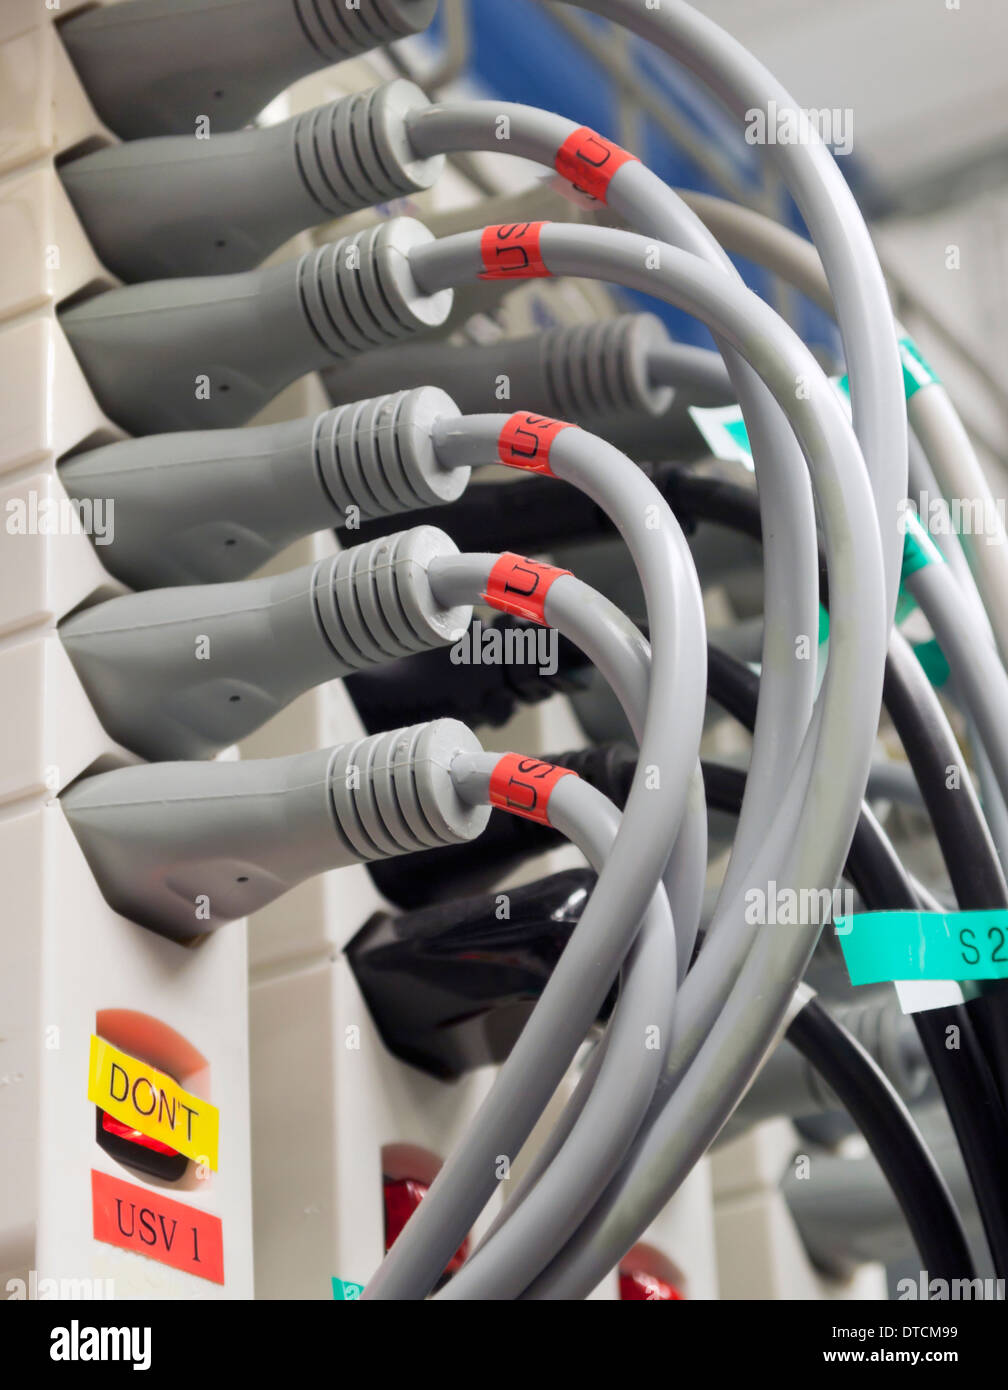 Nett Elektrische Steuerverdrahtung Ideen - Schaltplan Serie Circuit ...